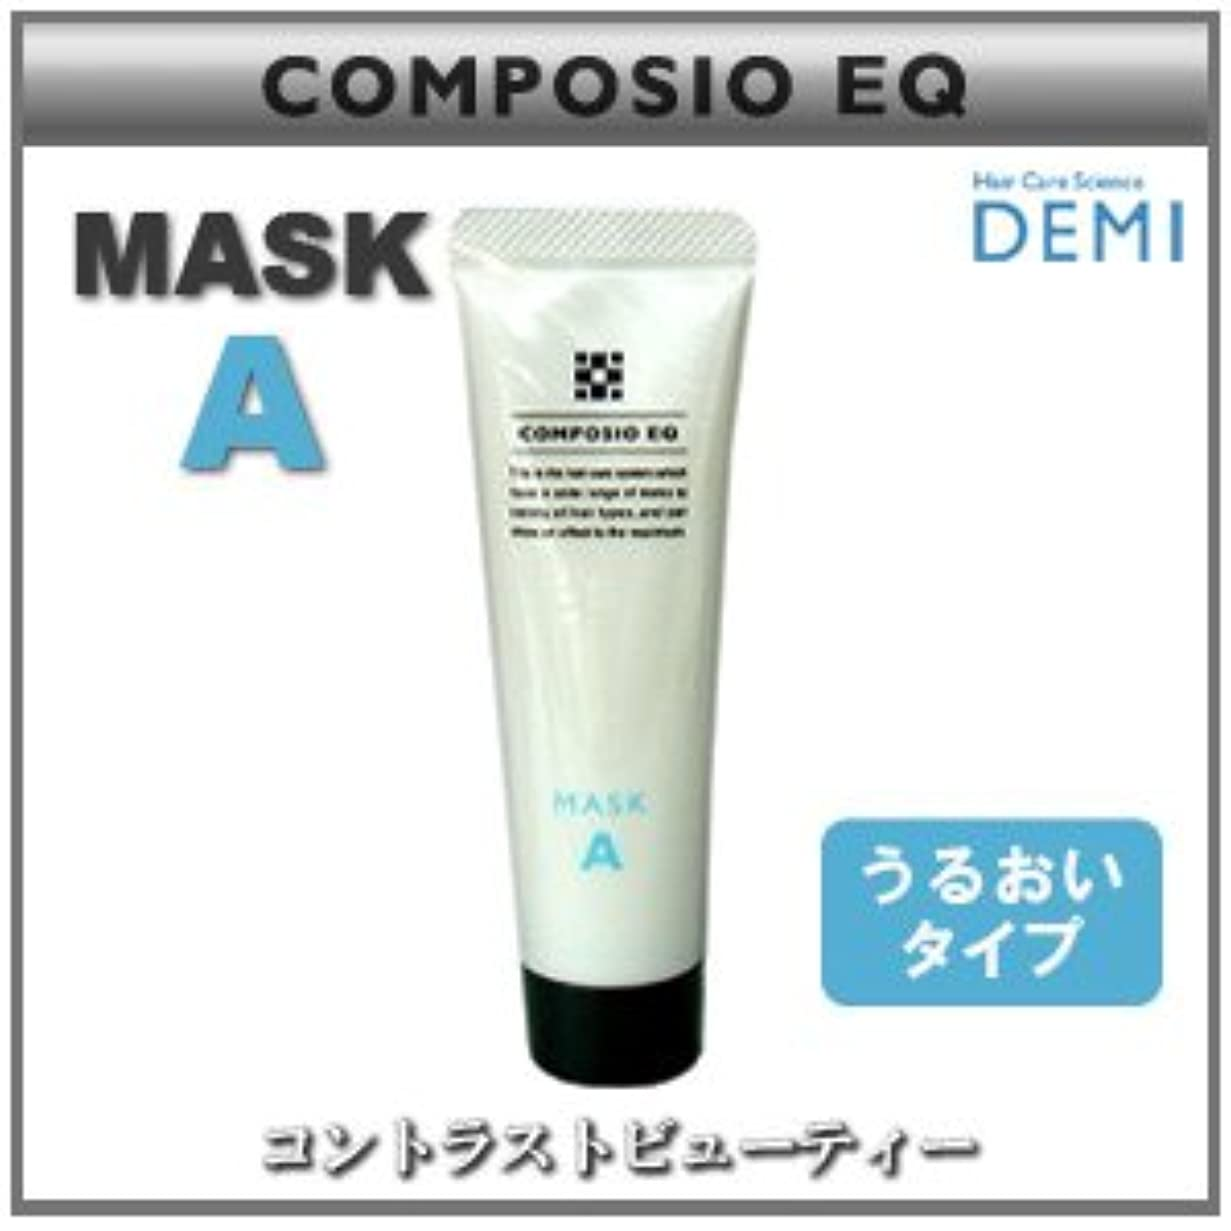 信頼性のある予測ニコチン【X5個セット】 デミ コンポジオ EQ マスク A 50g